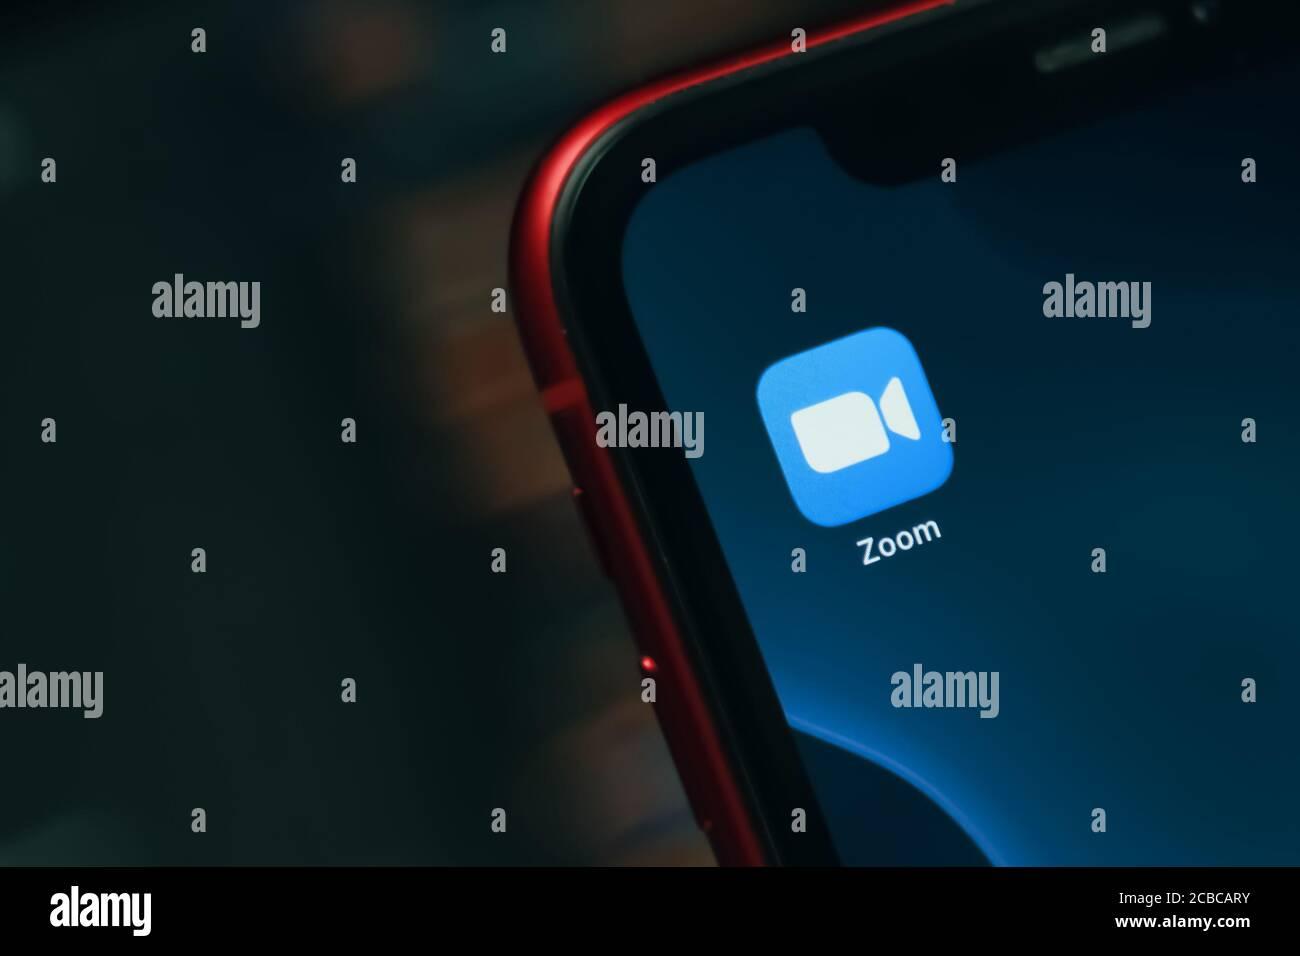 Bishkek, Kirguistán - 14 de marzo de 2020: Aplicación de zoom sobre el teléfono inteligente applie iphone para reuniones de Internet para trabajadores remotos o educación en línea Foto de stock